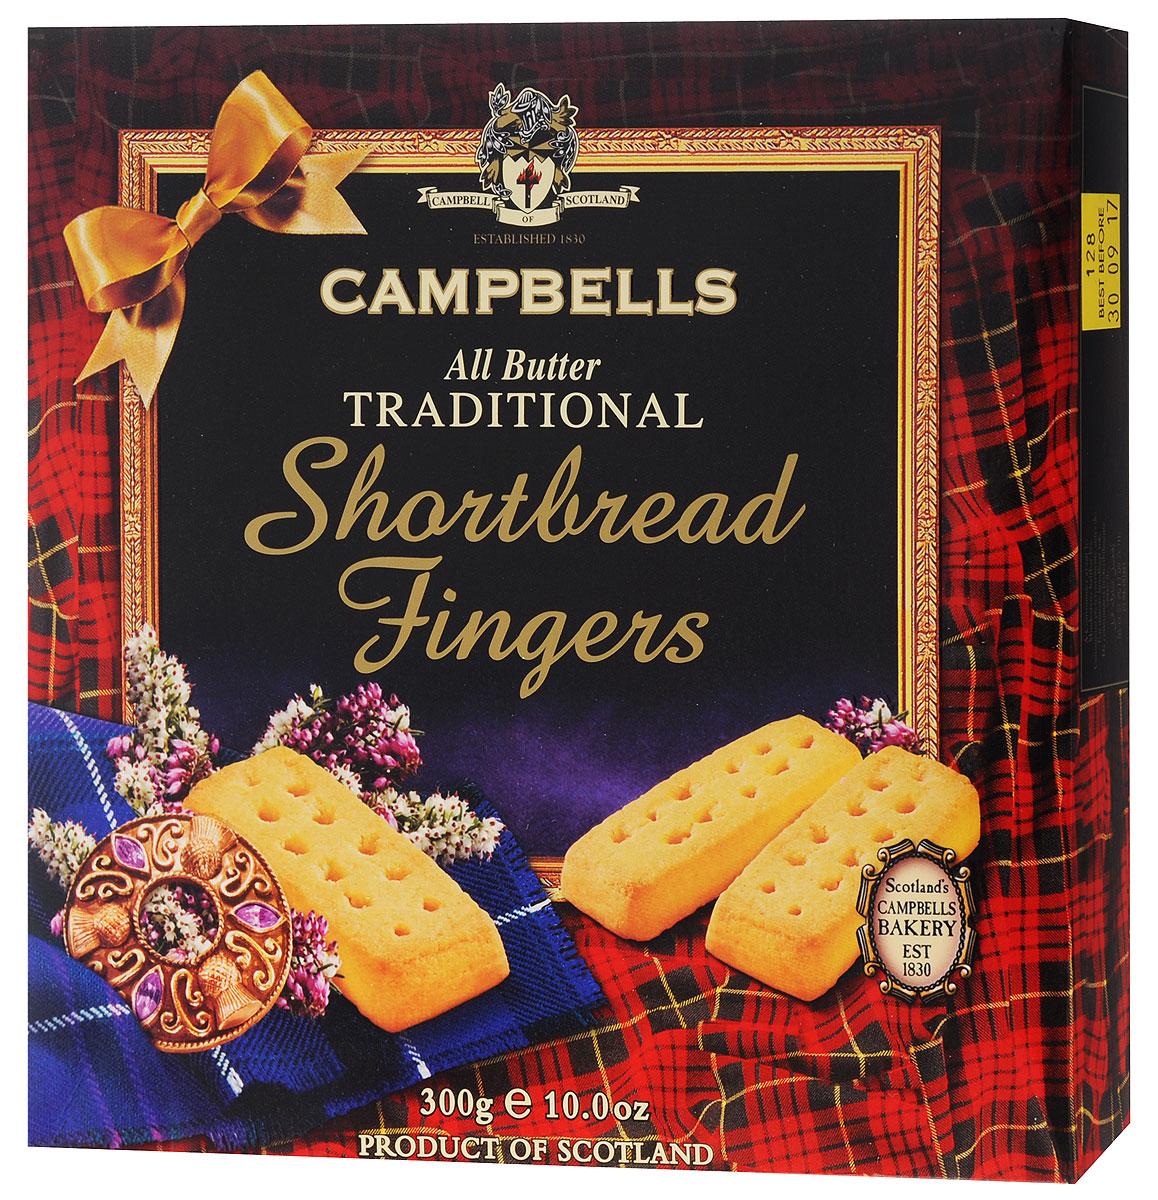 Campbells шотландские песочные пальчики, 300 г0120710Шотландские пальчики от Campbells - легендарное песочное печенье из Шотландии. Производитель вот уже многие годы не изменяет рецепт приготовления этого вкуснейшего печенья, который состоит преимущественно из натуральных ингредиентов.